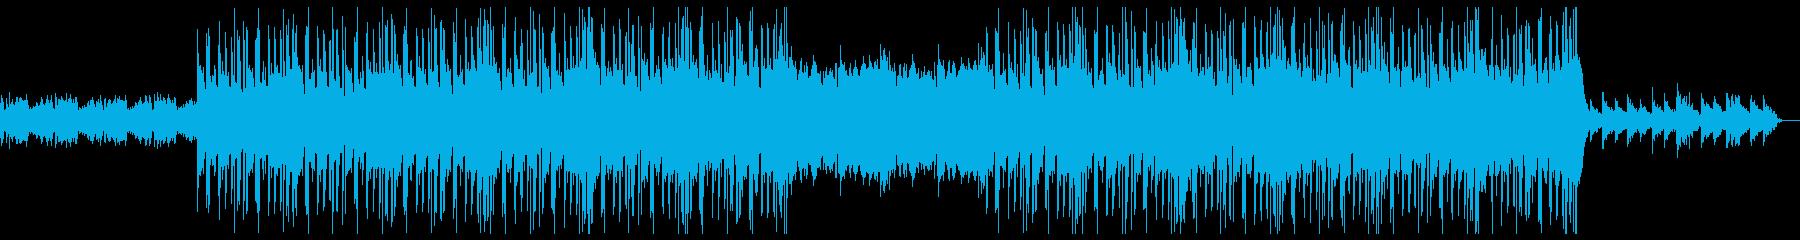 ダーク クール ヒップホップの再生済みの波形